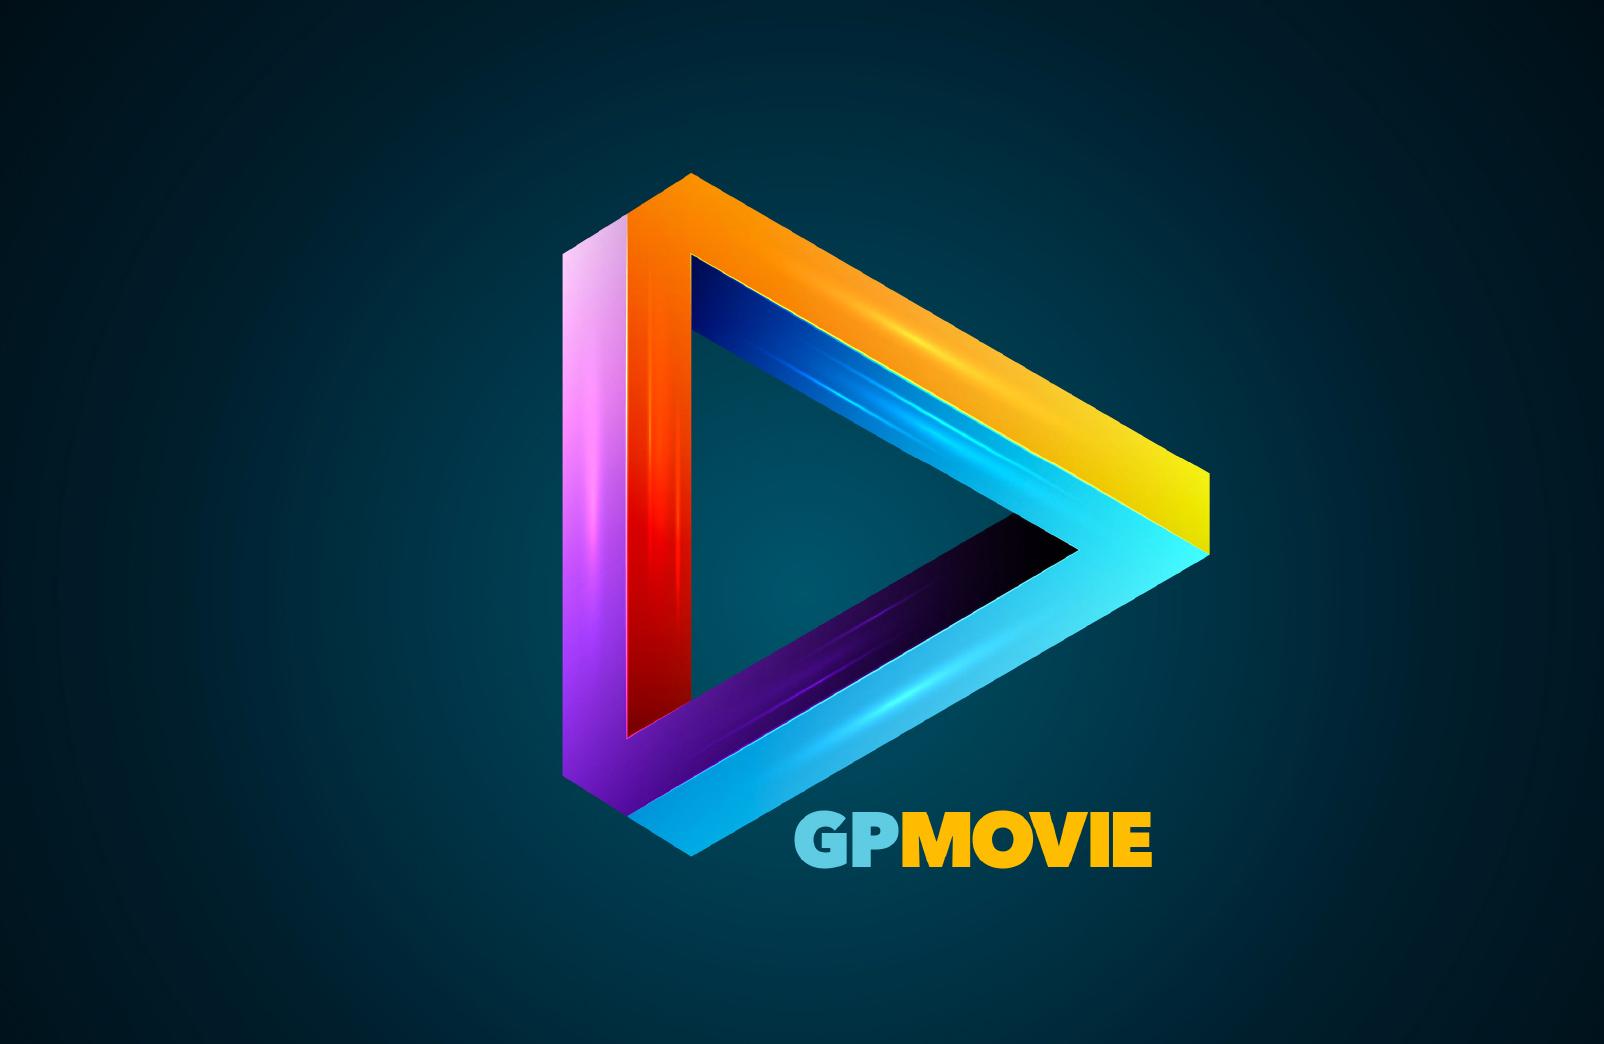 GP MOVIE